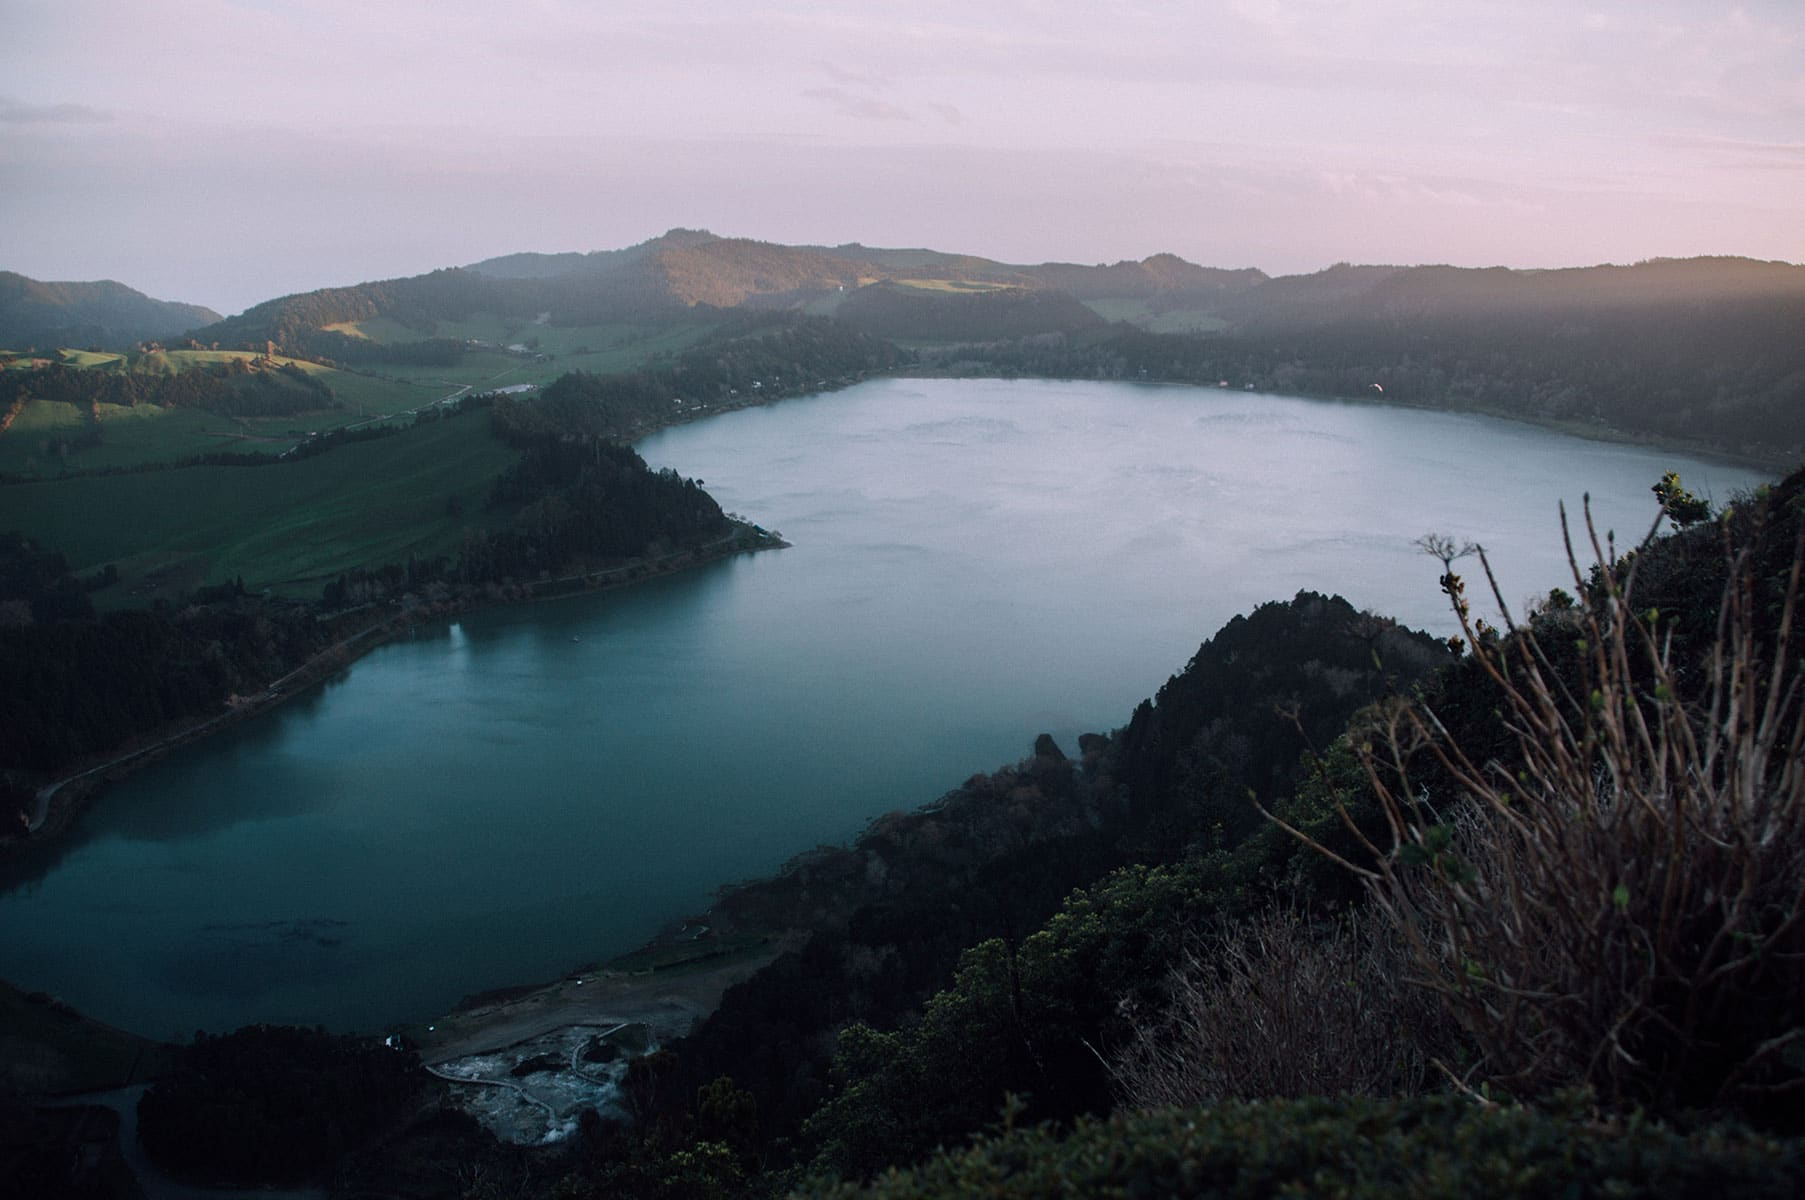 lago das furnas miradouro